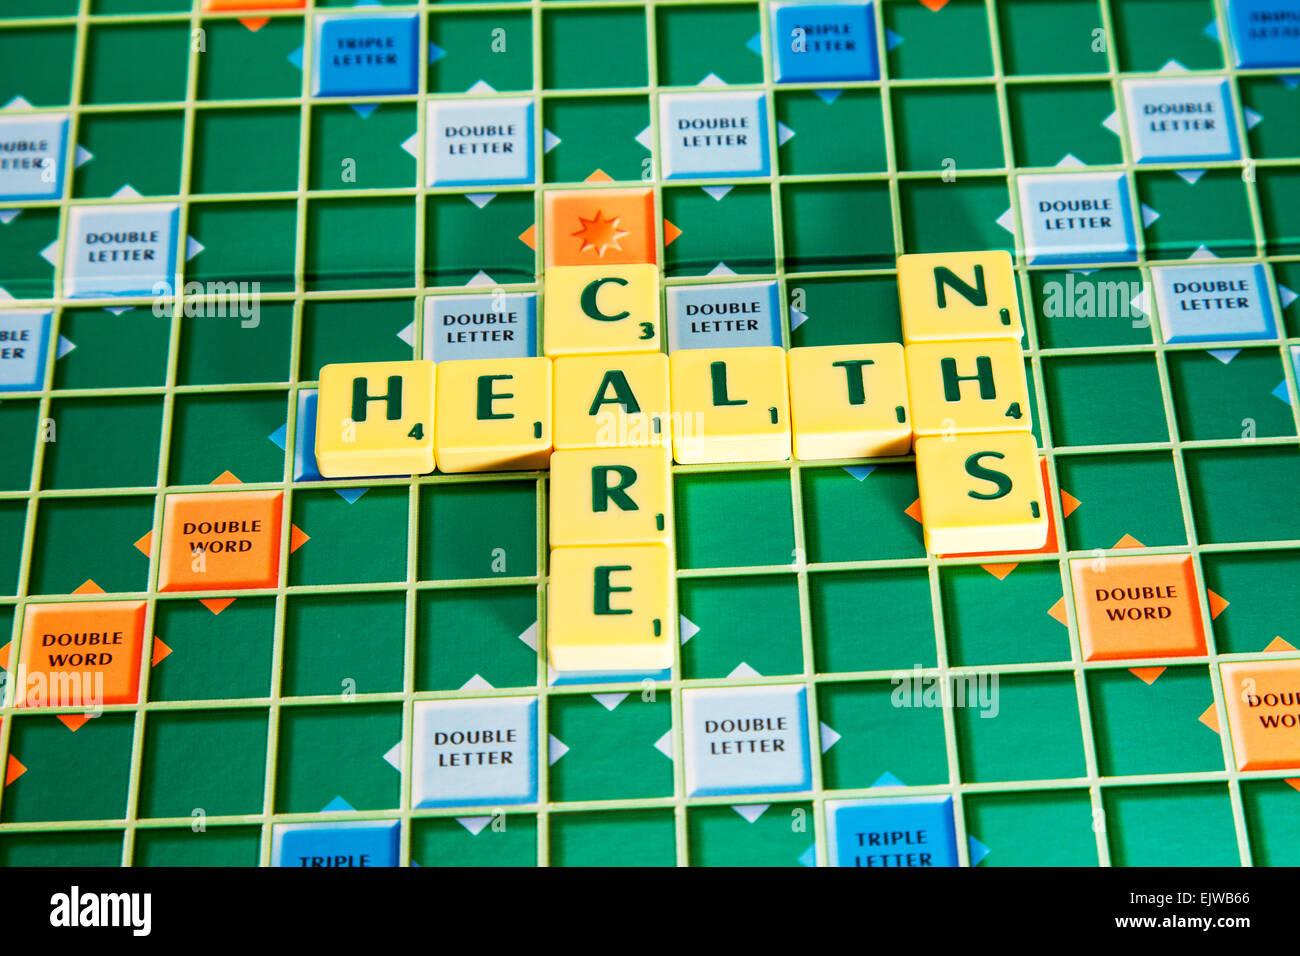 Soins de santé hôpitaux hôpital NHS doctors mots en utilisant les tuiles de SCRABBLE pour illustrer Photo Stock